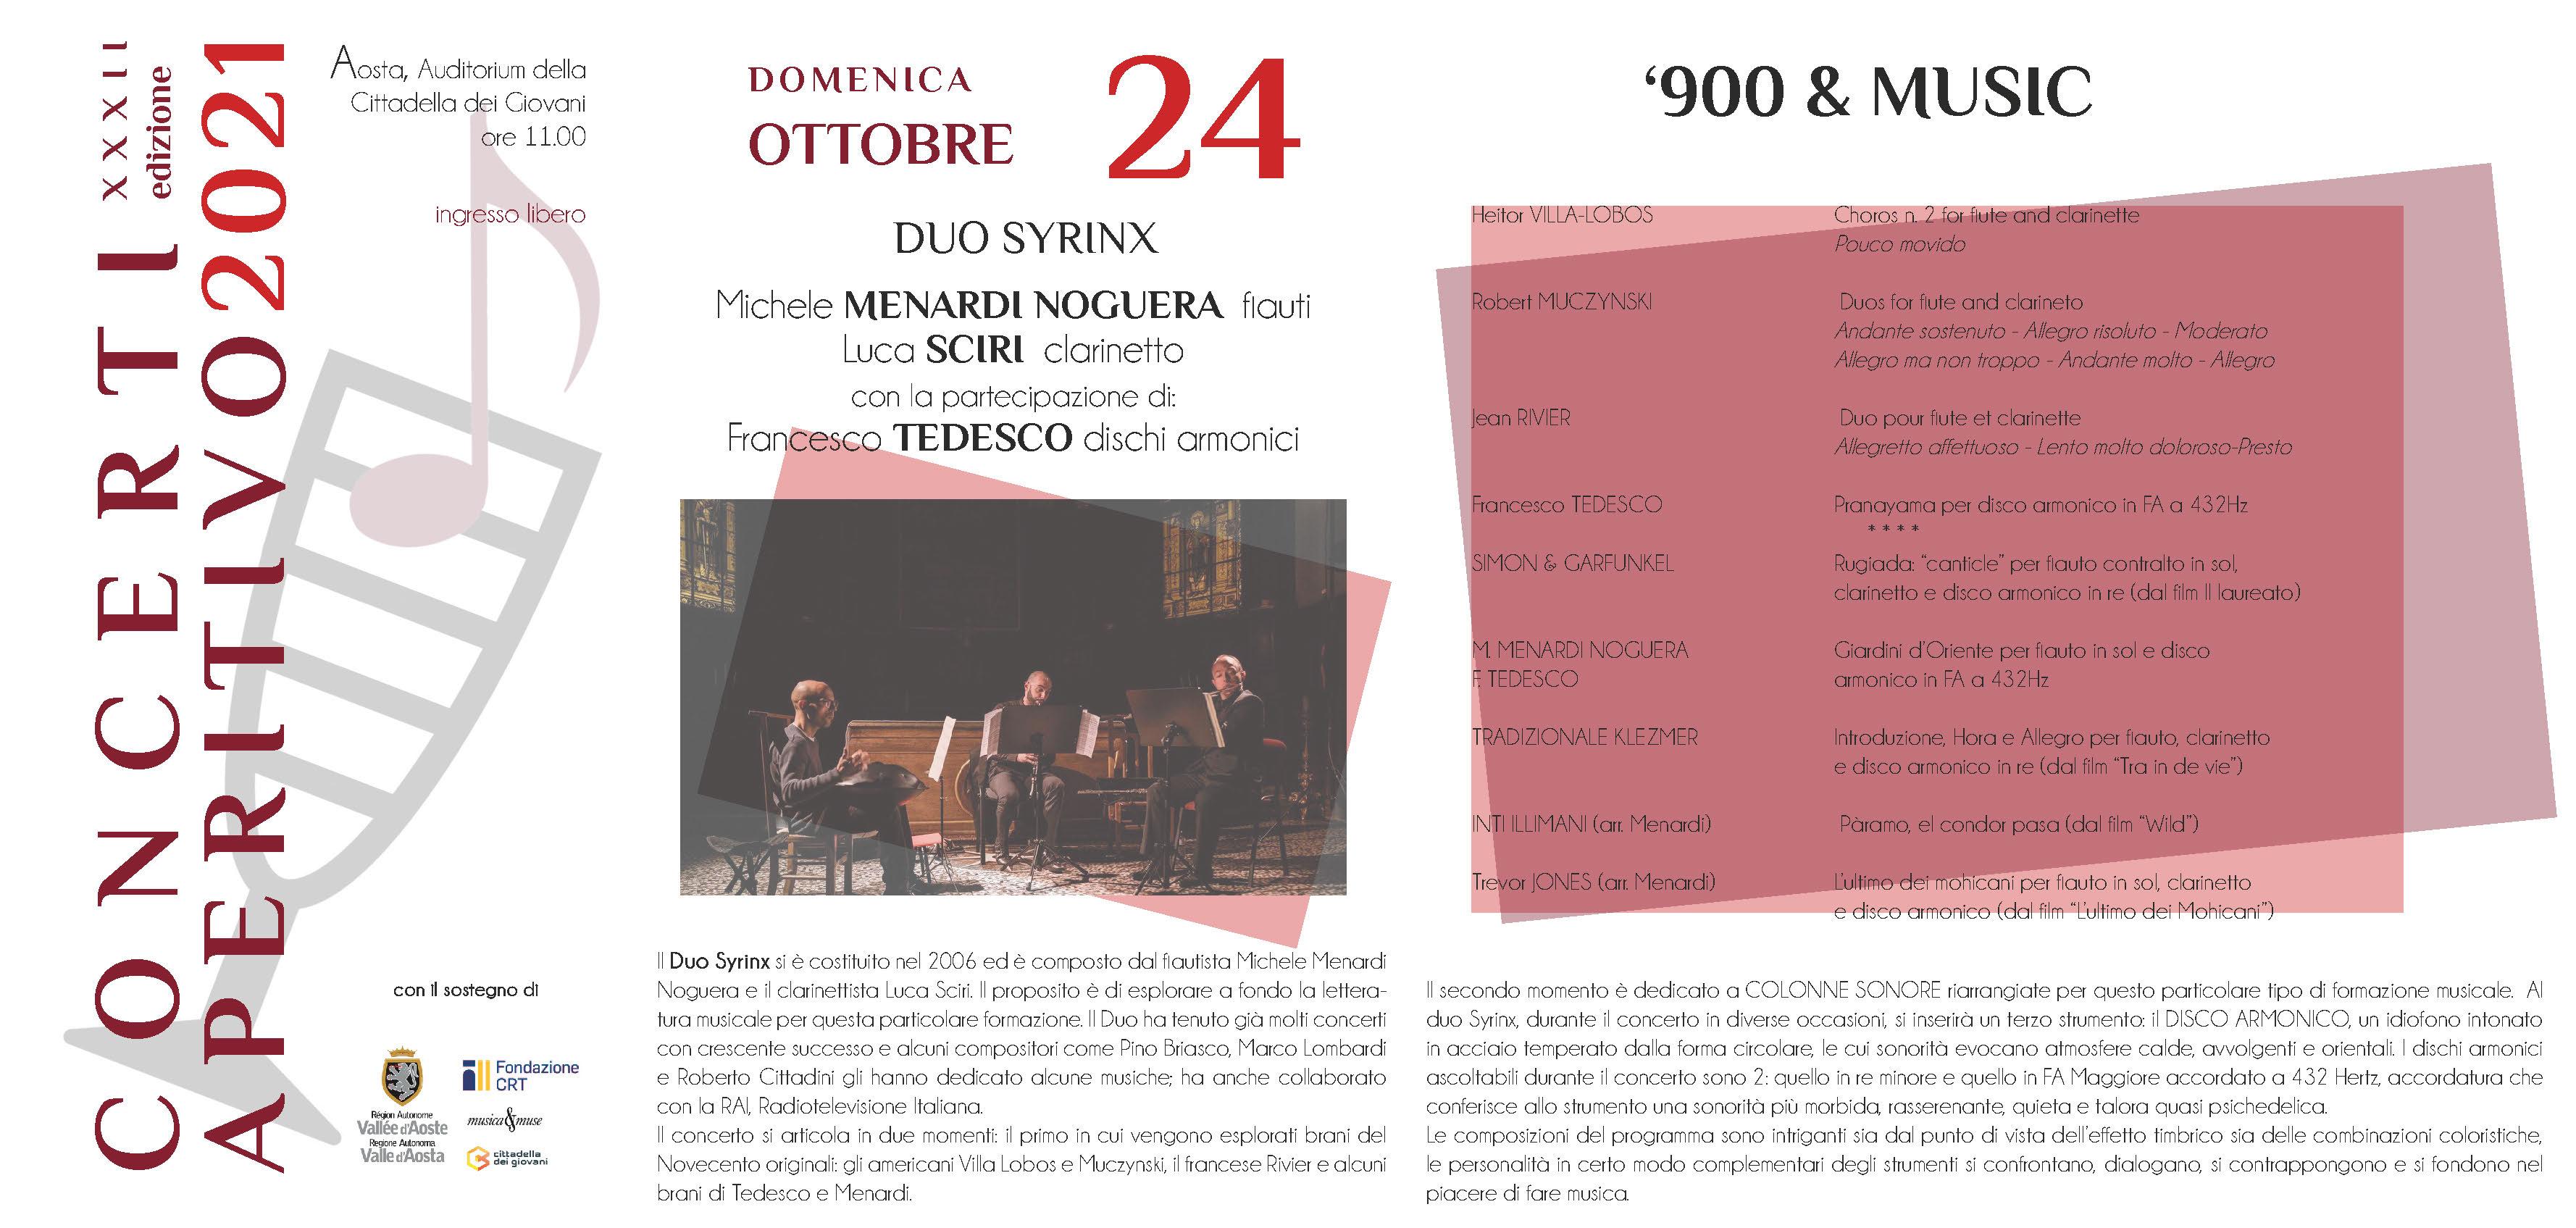 Locandina Concerti Aperitivo - Aosta inverno 2021 Prima data